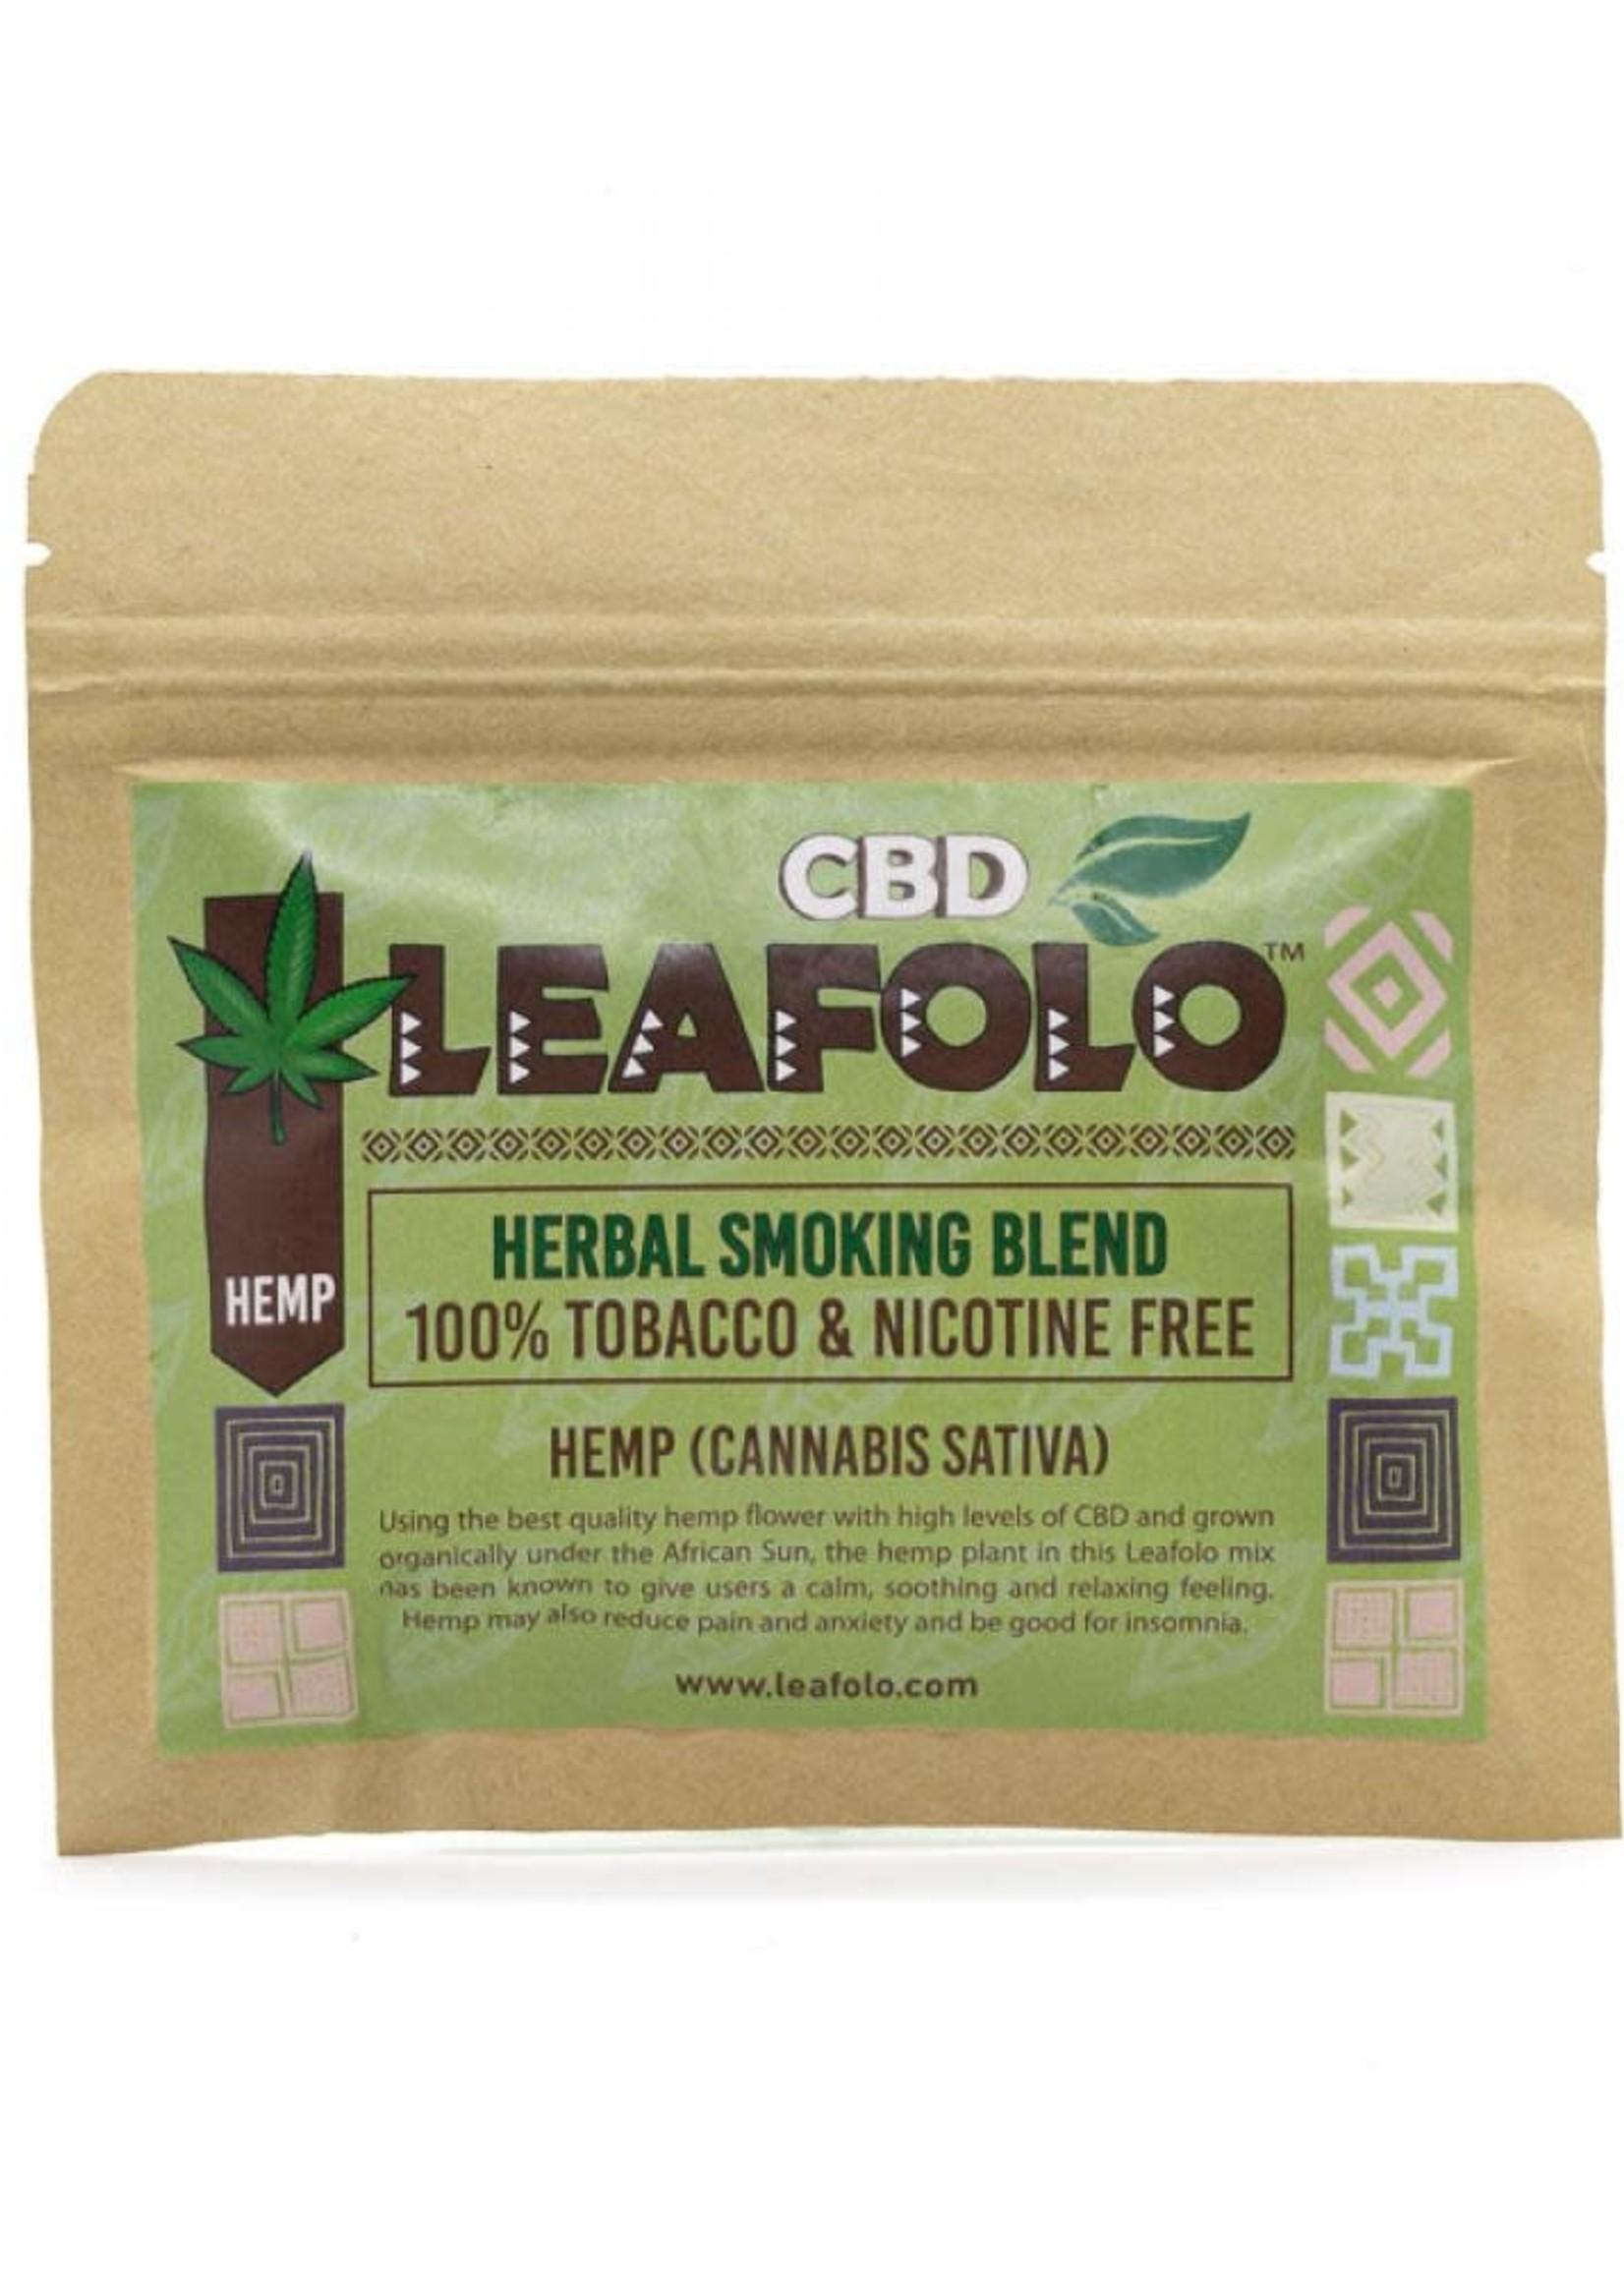 Leafolo - Hemp smoking blend